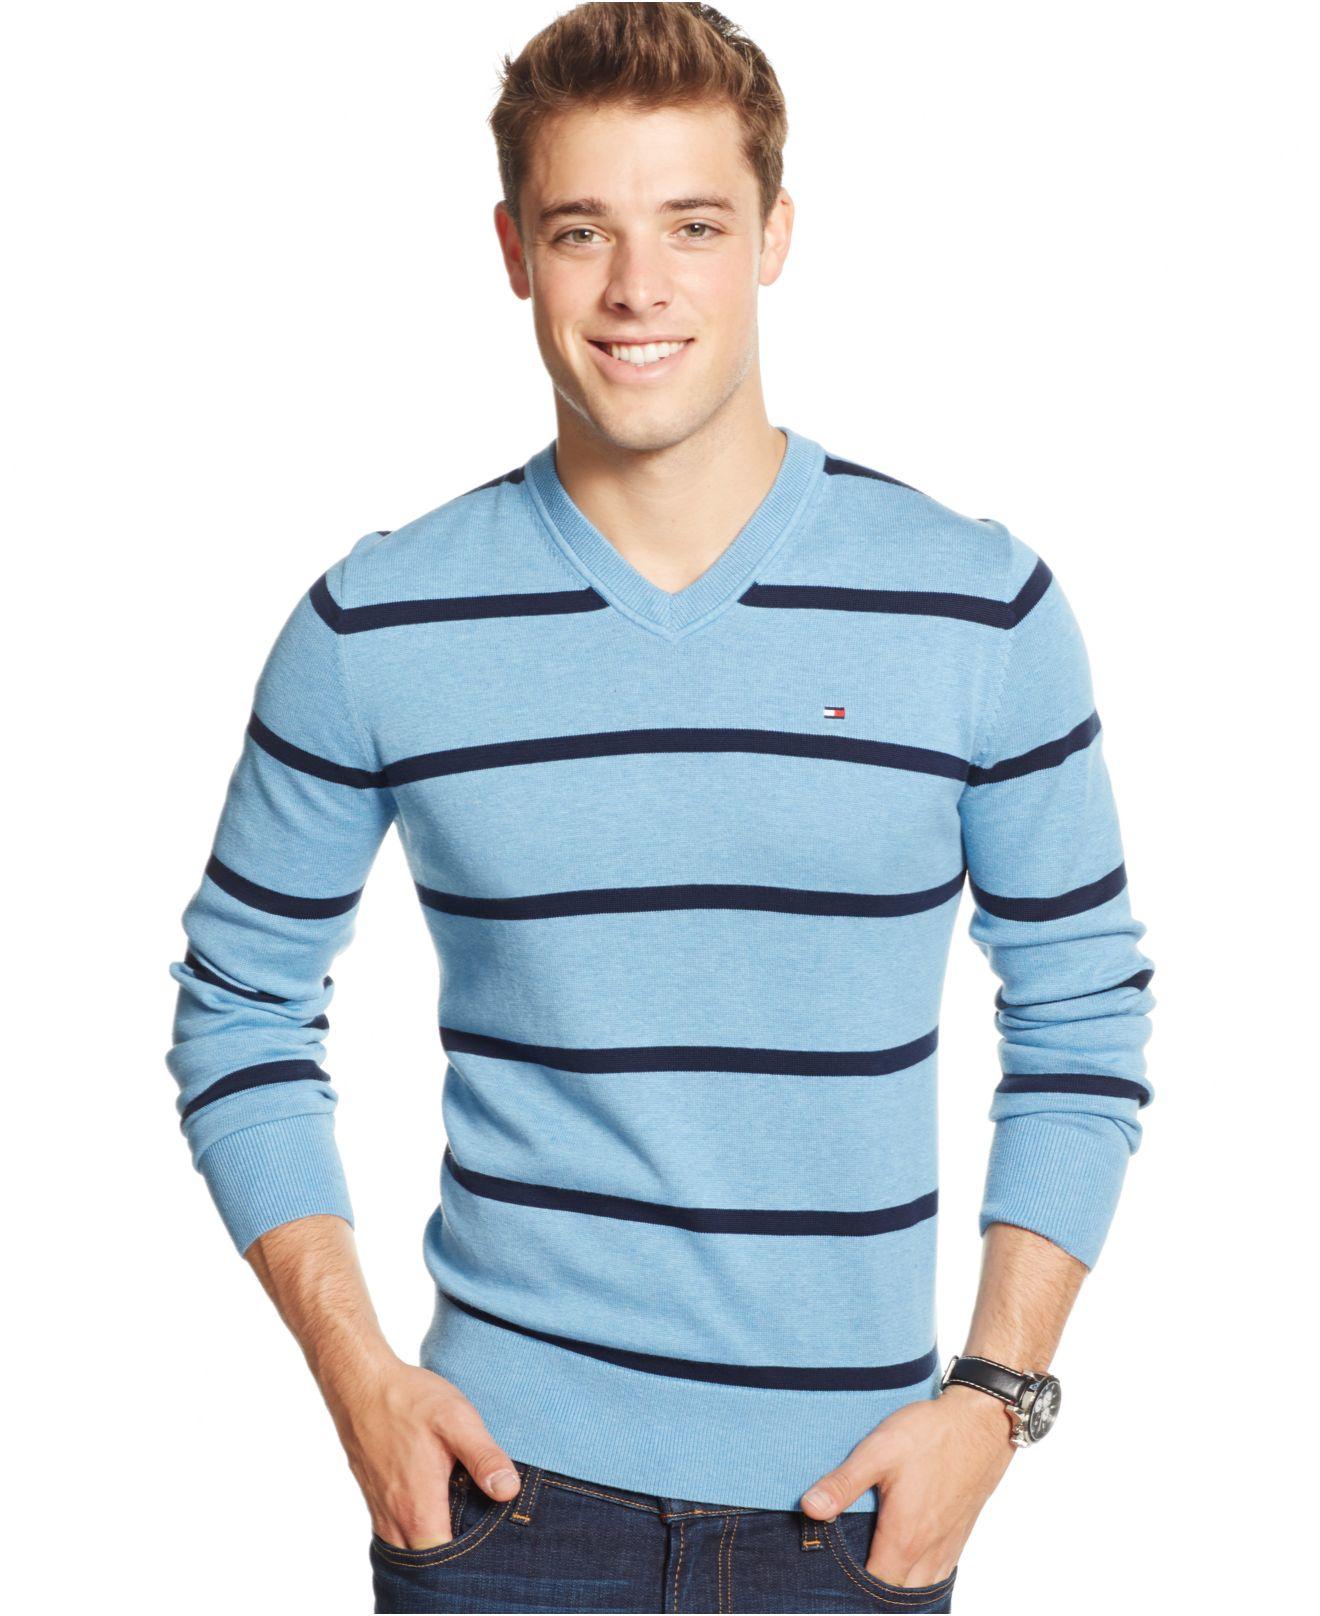 tommy hilfiger gray signature stripe v neck sweater for. Black Bedroom Furniture Sets. Home Design Ideas